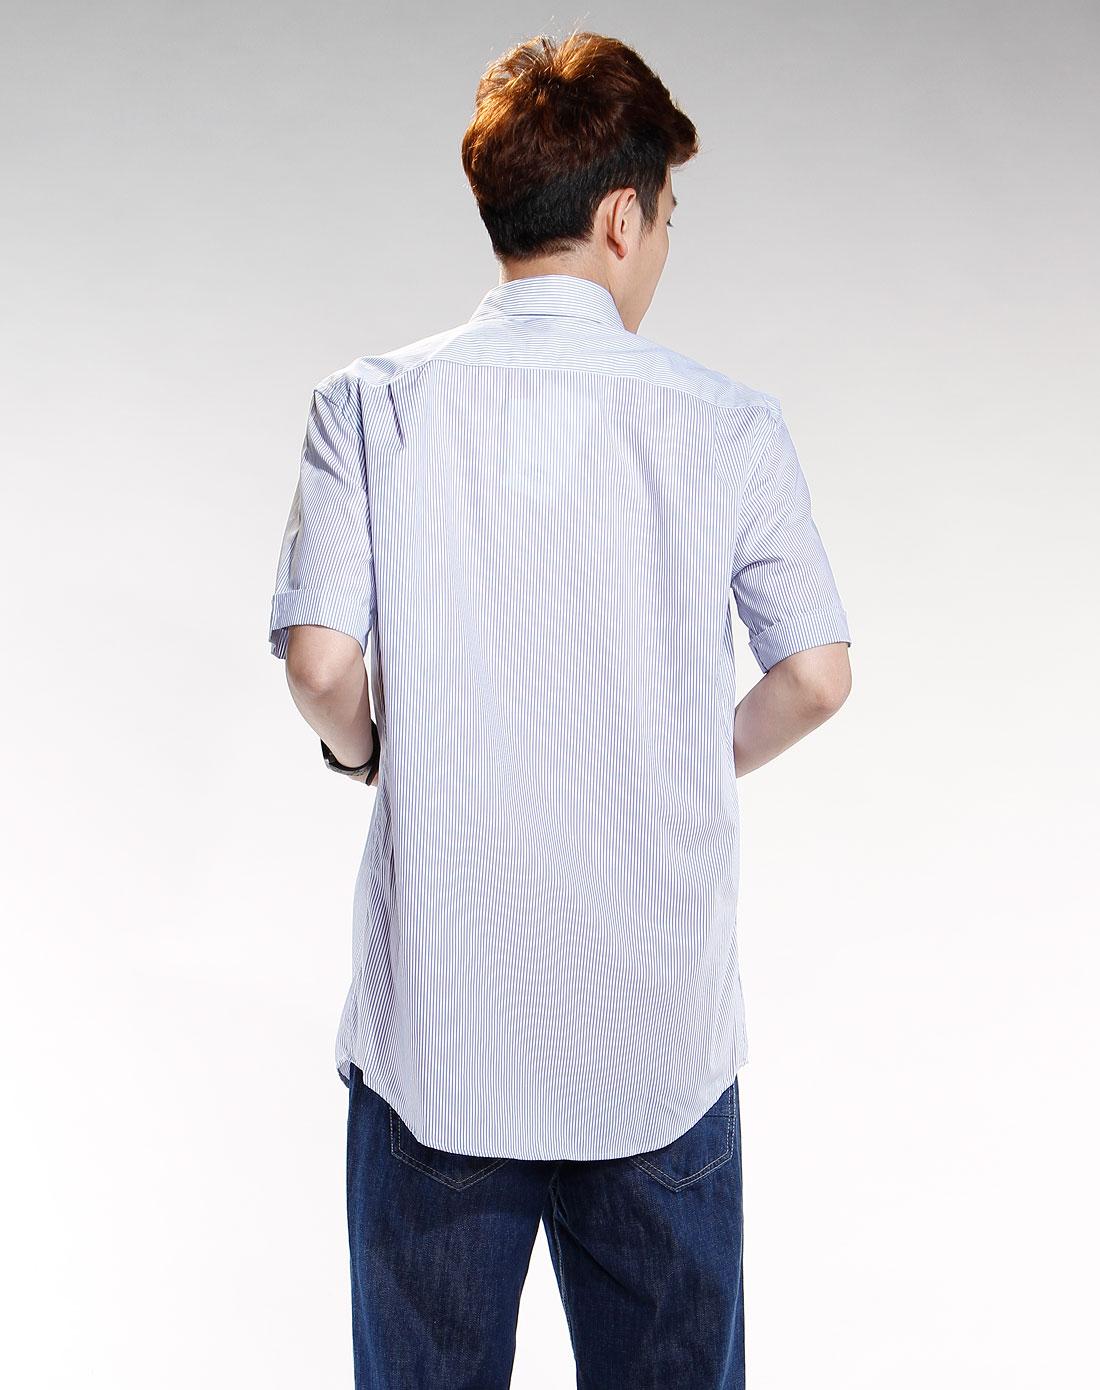 鳄鱼lacoste 男款蓝/白色竖条纹时尚衬衣 商品介绍